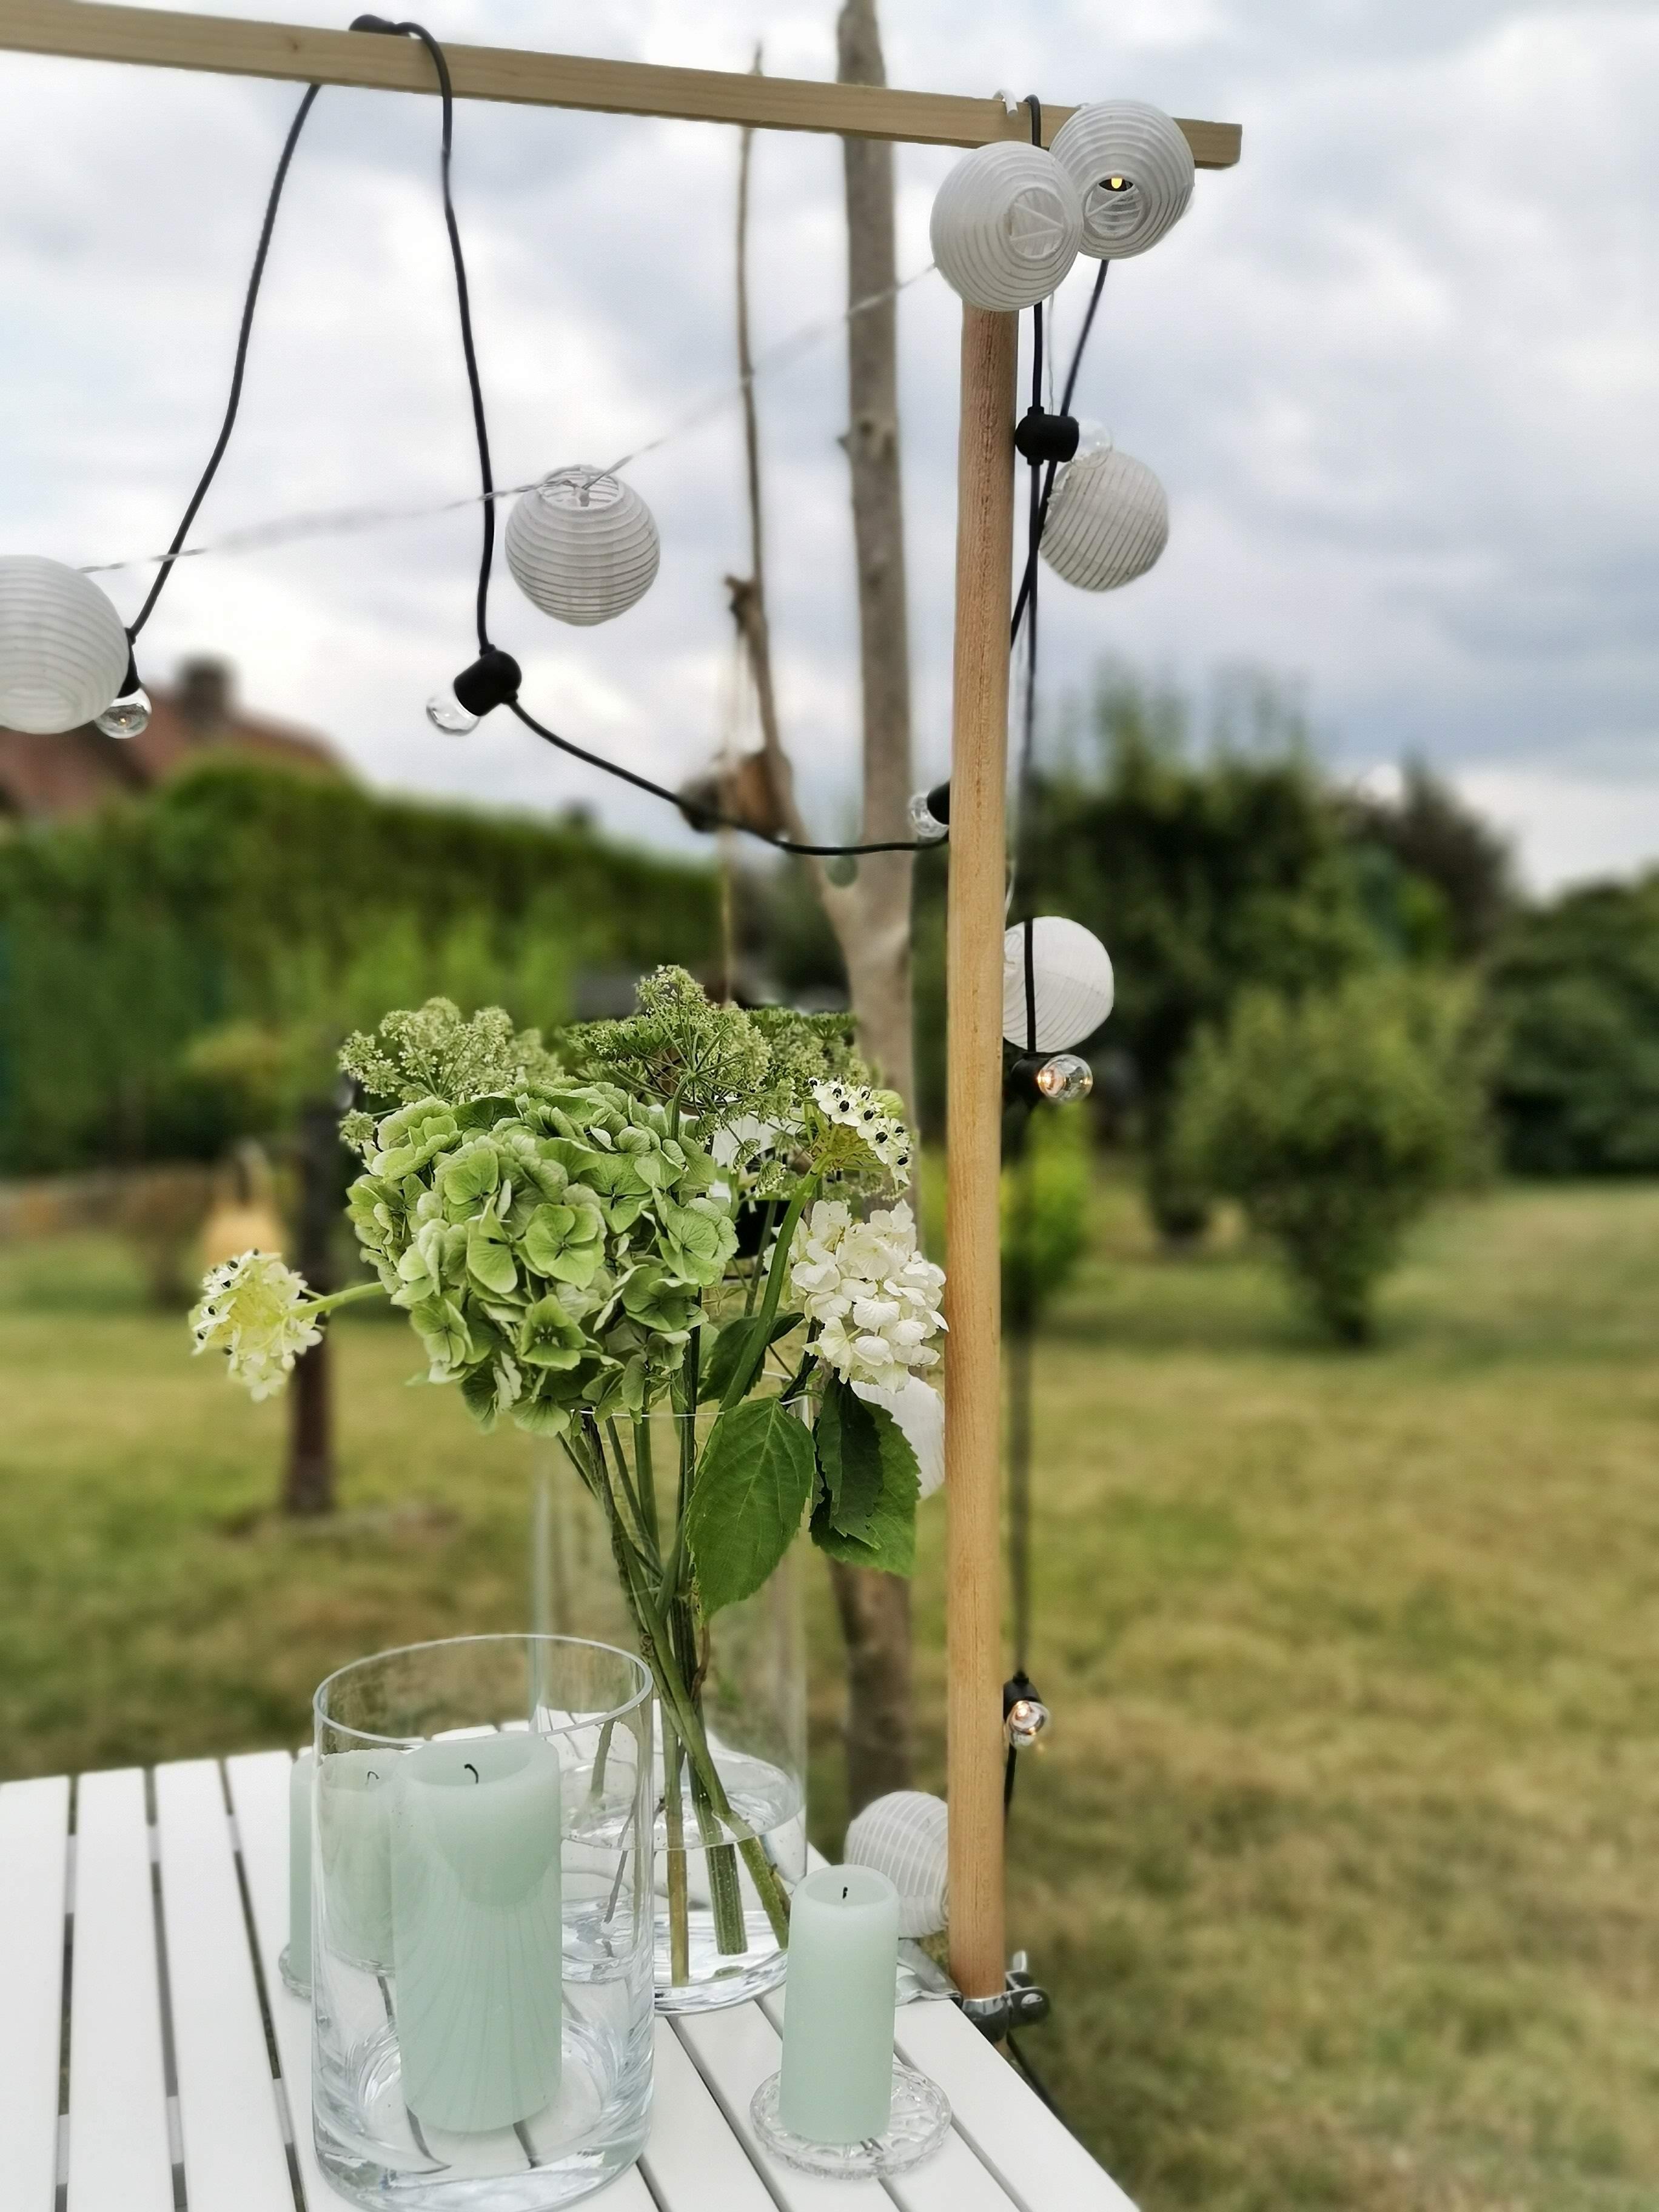 DIY Tafelklemme aus Holz für den Gartentisch - beleuchtbar und dekorativ | mammilade.com